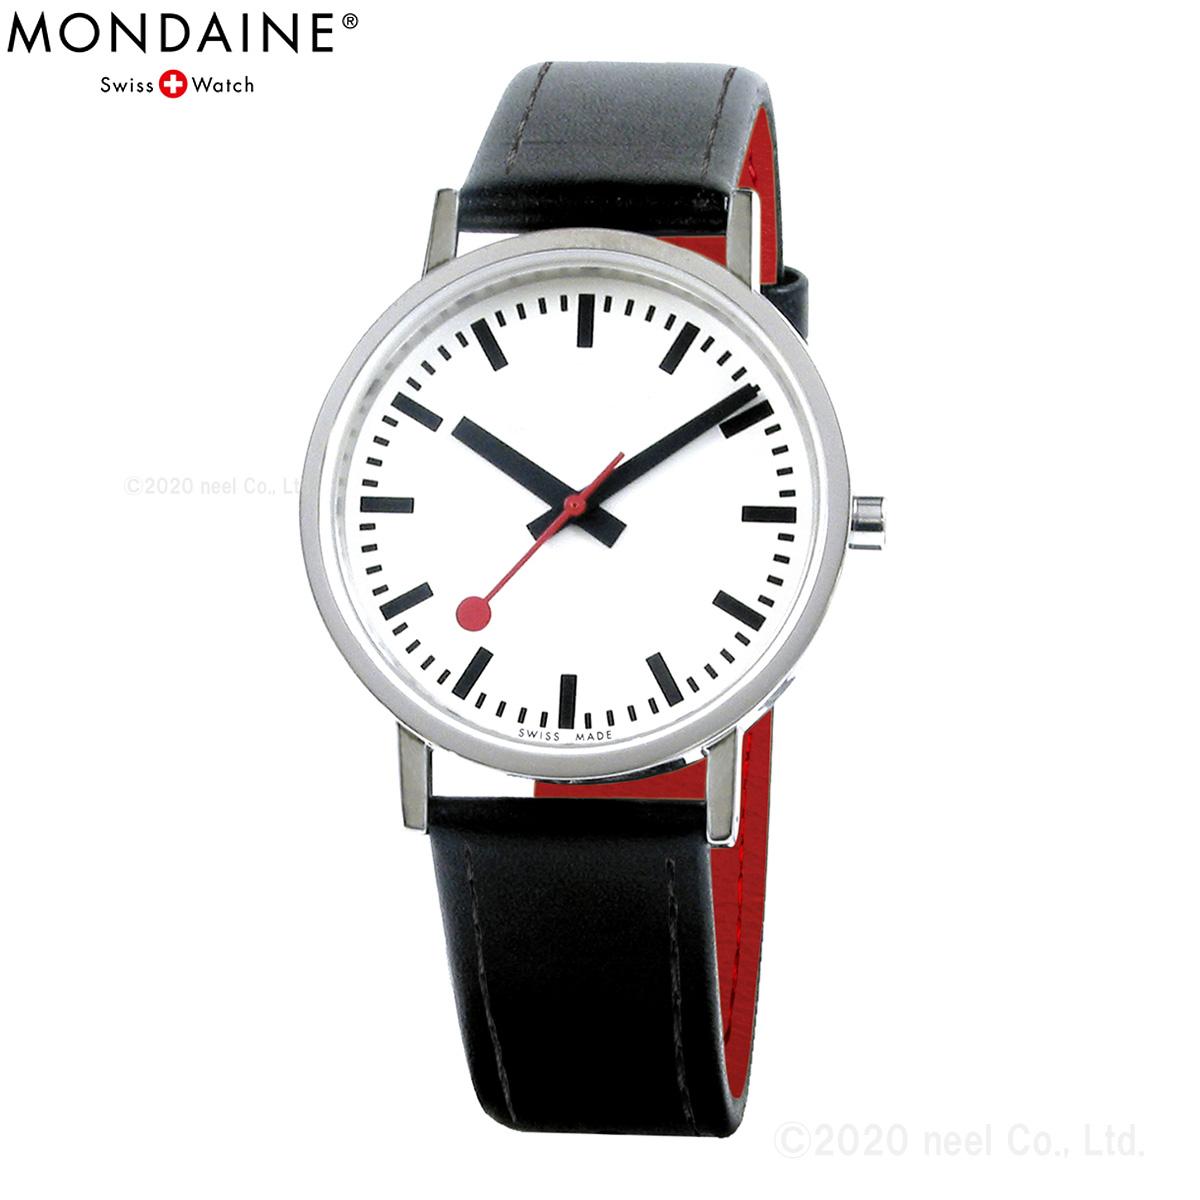 モンディーン MONDAINE 腕時計 メンズ/レディース クラシック ピュア Classic Pure A660.30314.16OM